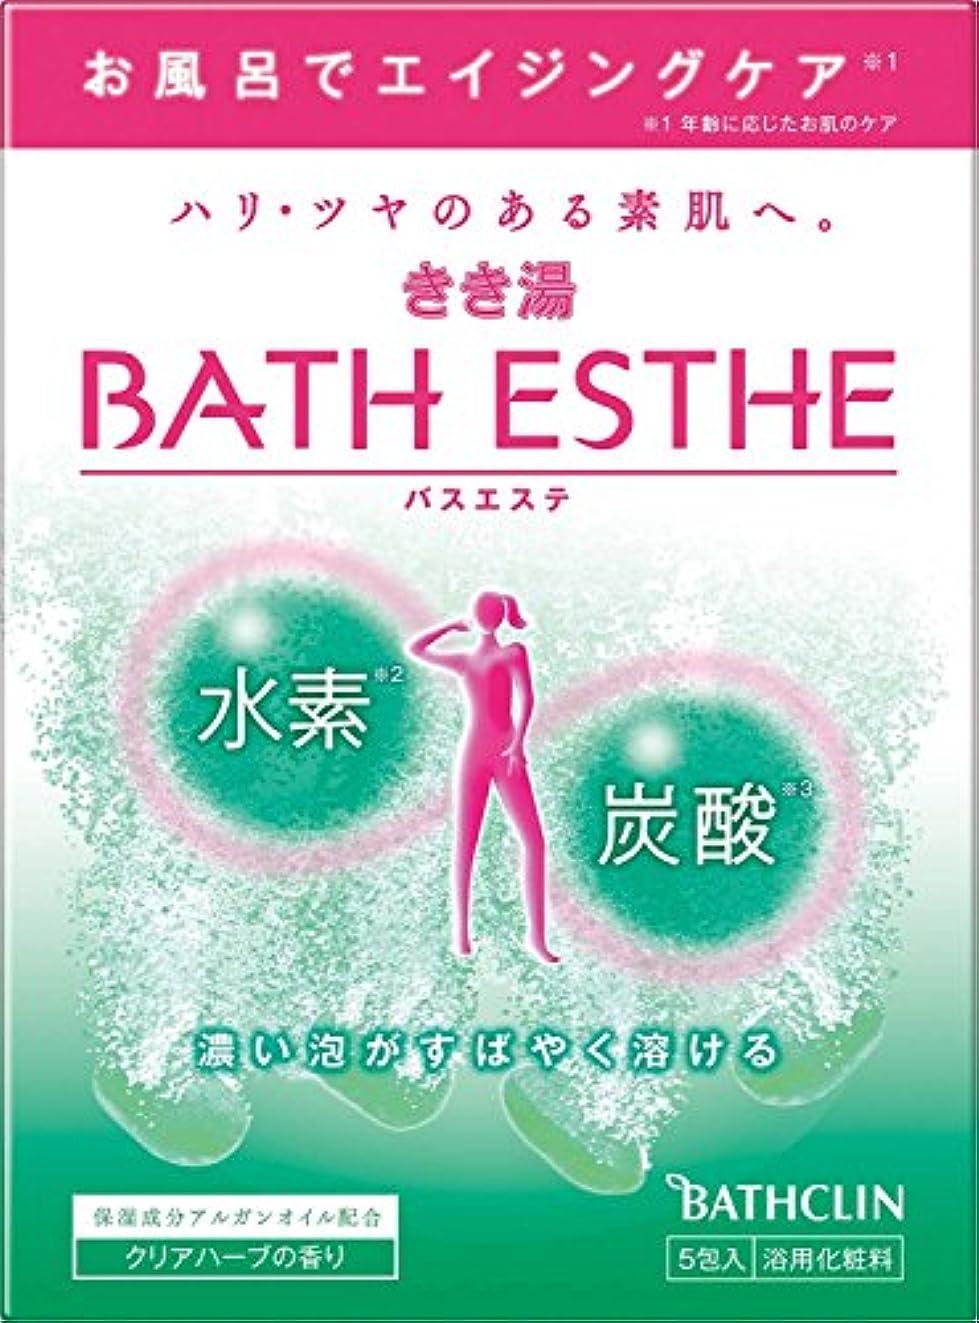 アスリート開始エンジニアきき湯バスエステ炭酸水素入浴剤 クリアハーブの香り50g×5包入り 入浴剤 発泡タイプ 個包装